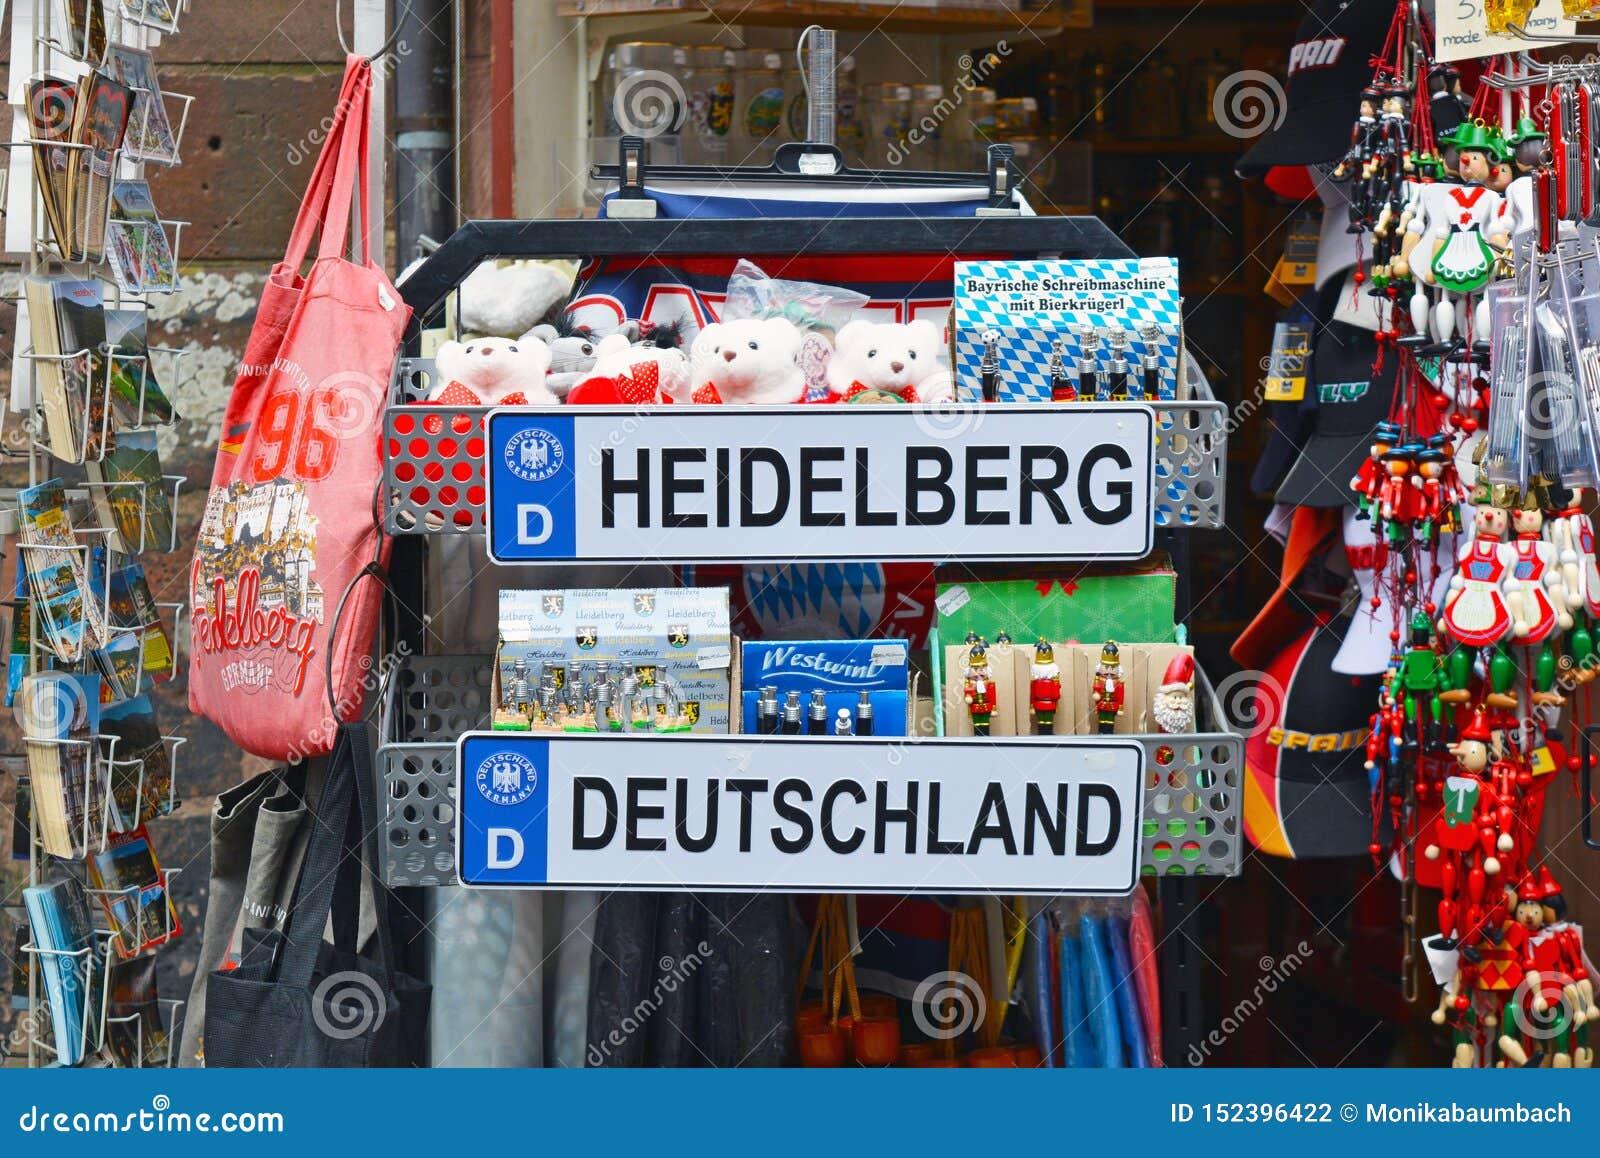 Cabina turística de la tienda con diversos recuerdos relacionados con la ciudad de Heidelberg en Alemania con la placa, osos del